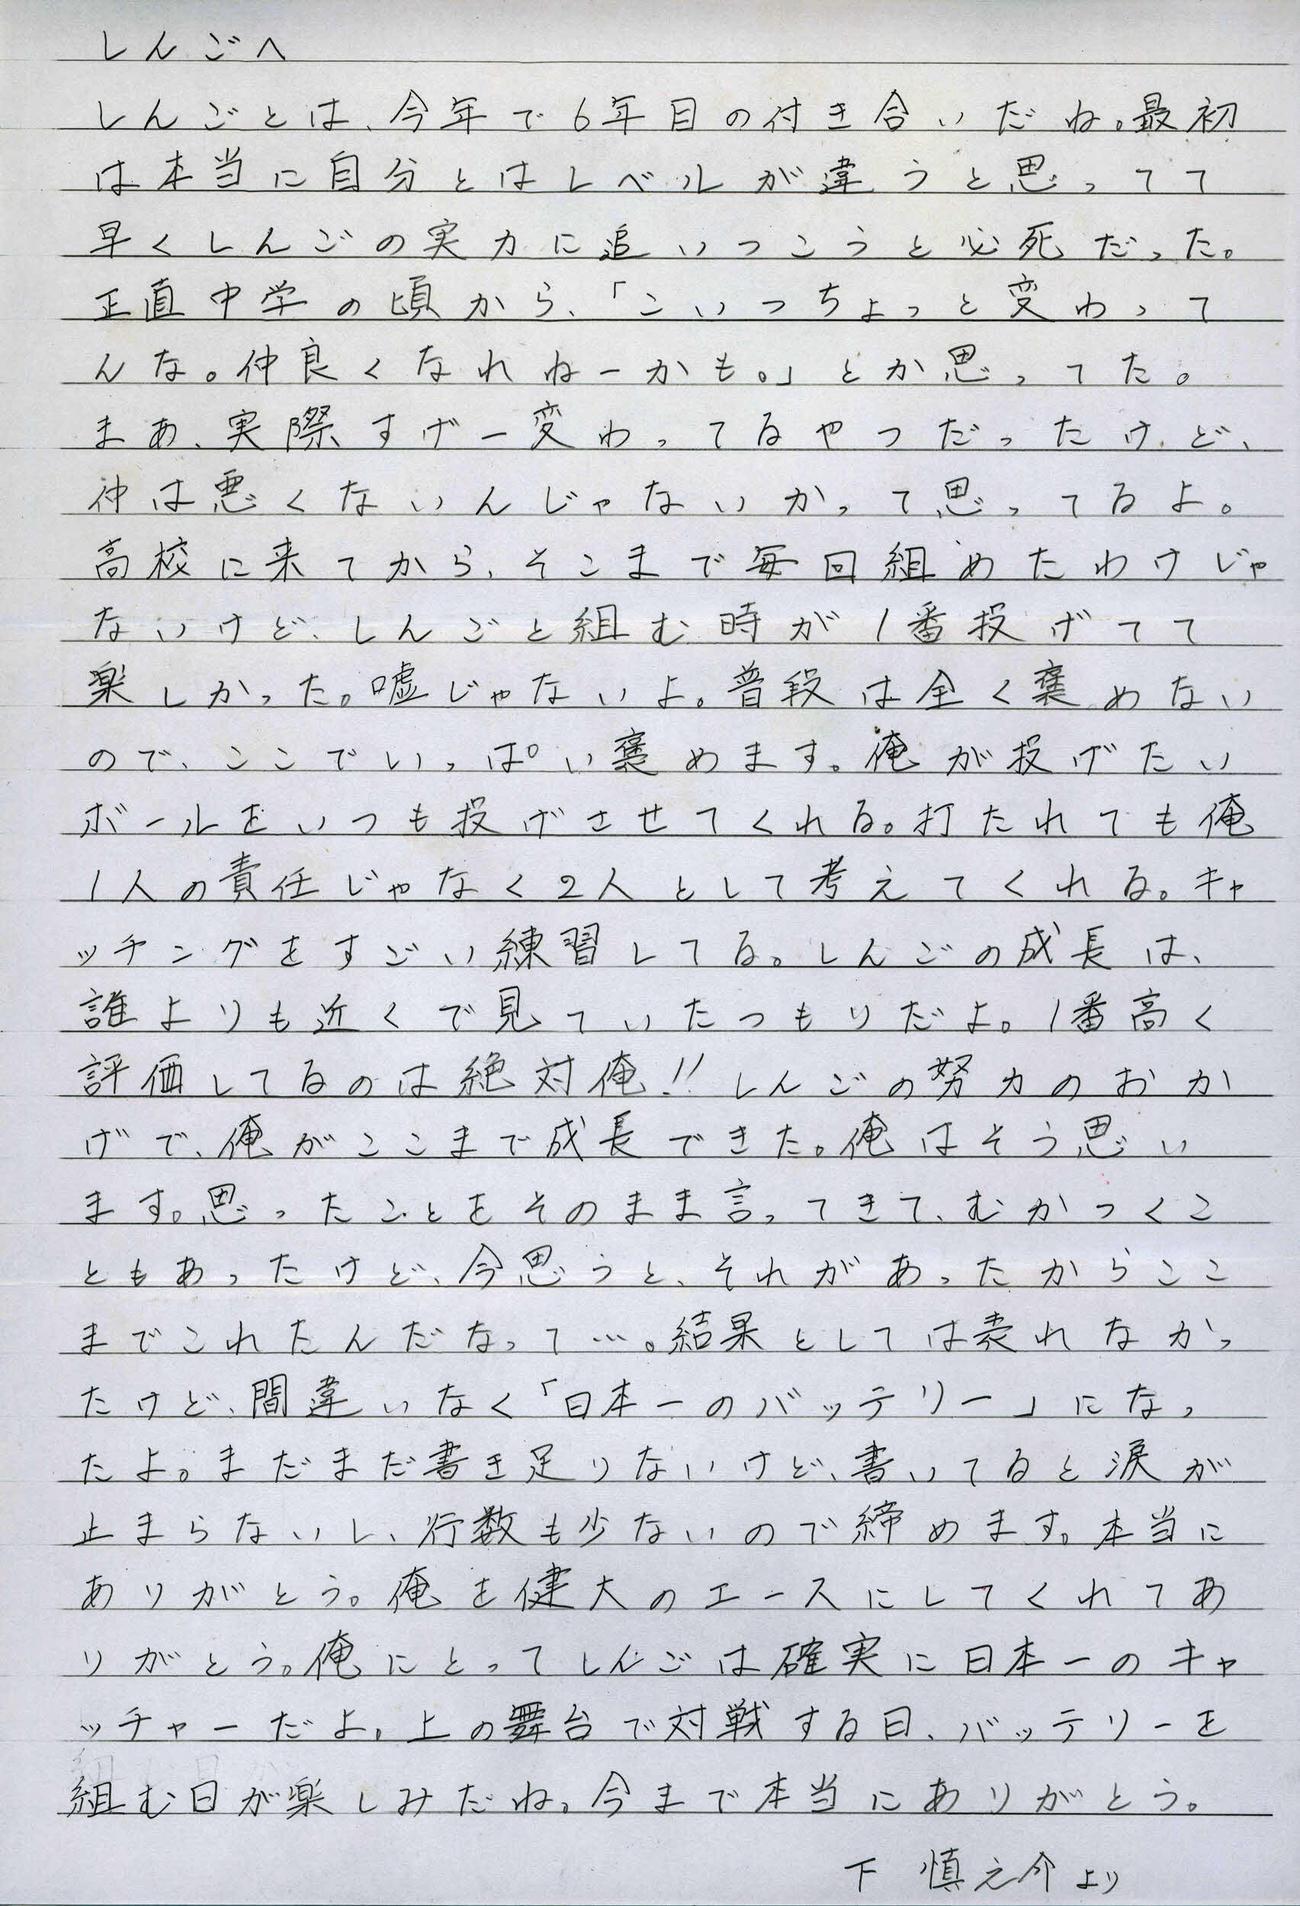 高崎健康福祉大高崎・下慎之介投手の手紙